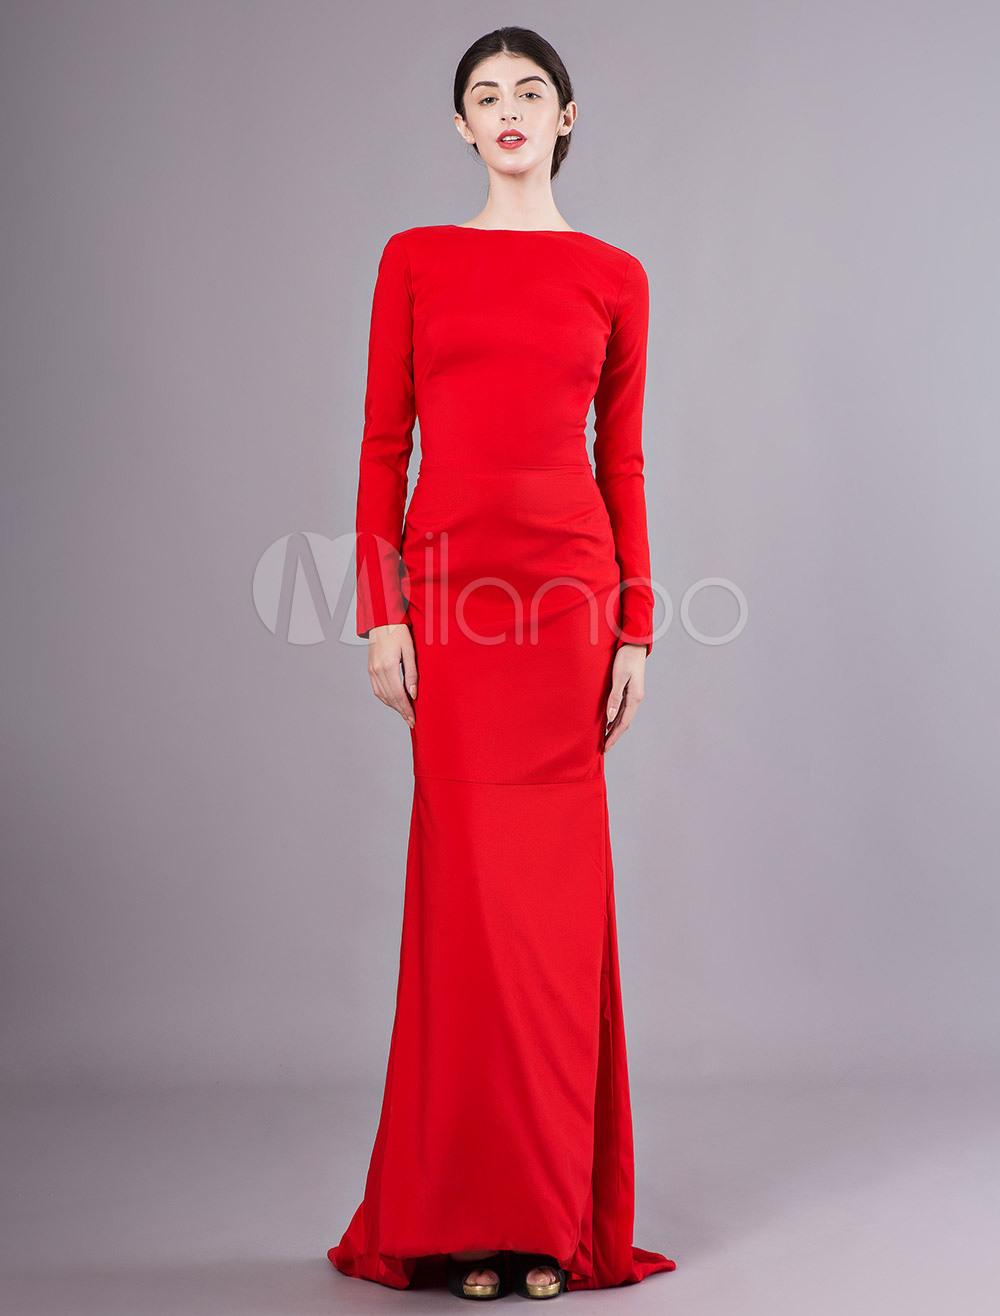 Genial Rote Kleider Galerie20 Schön Rote Kleider für 2019